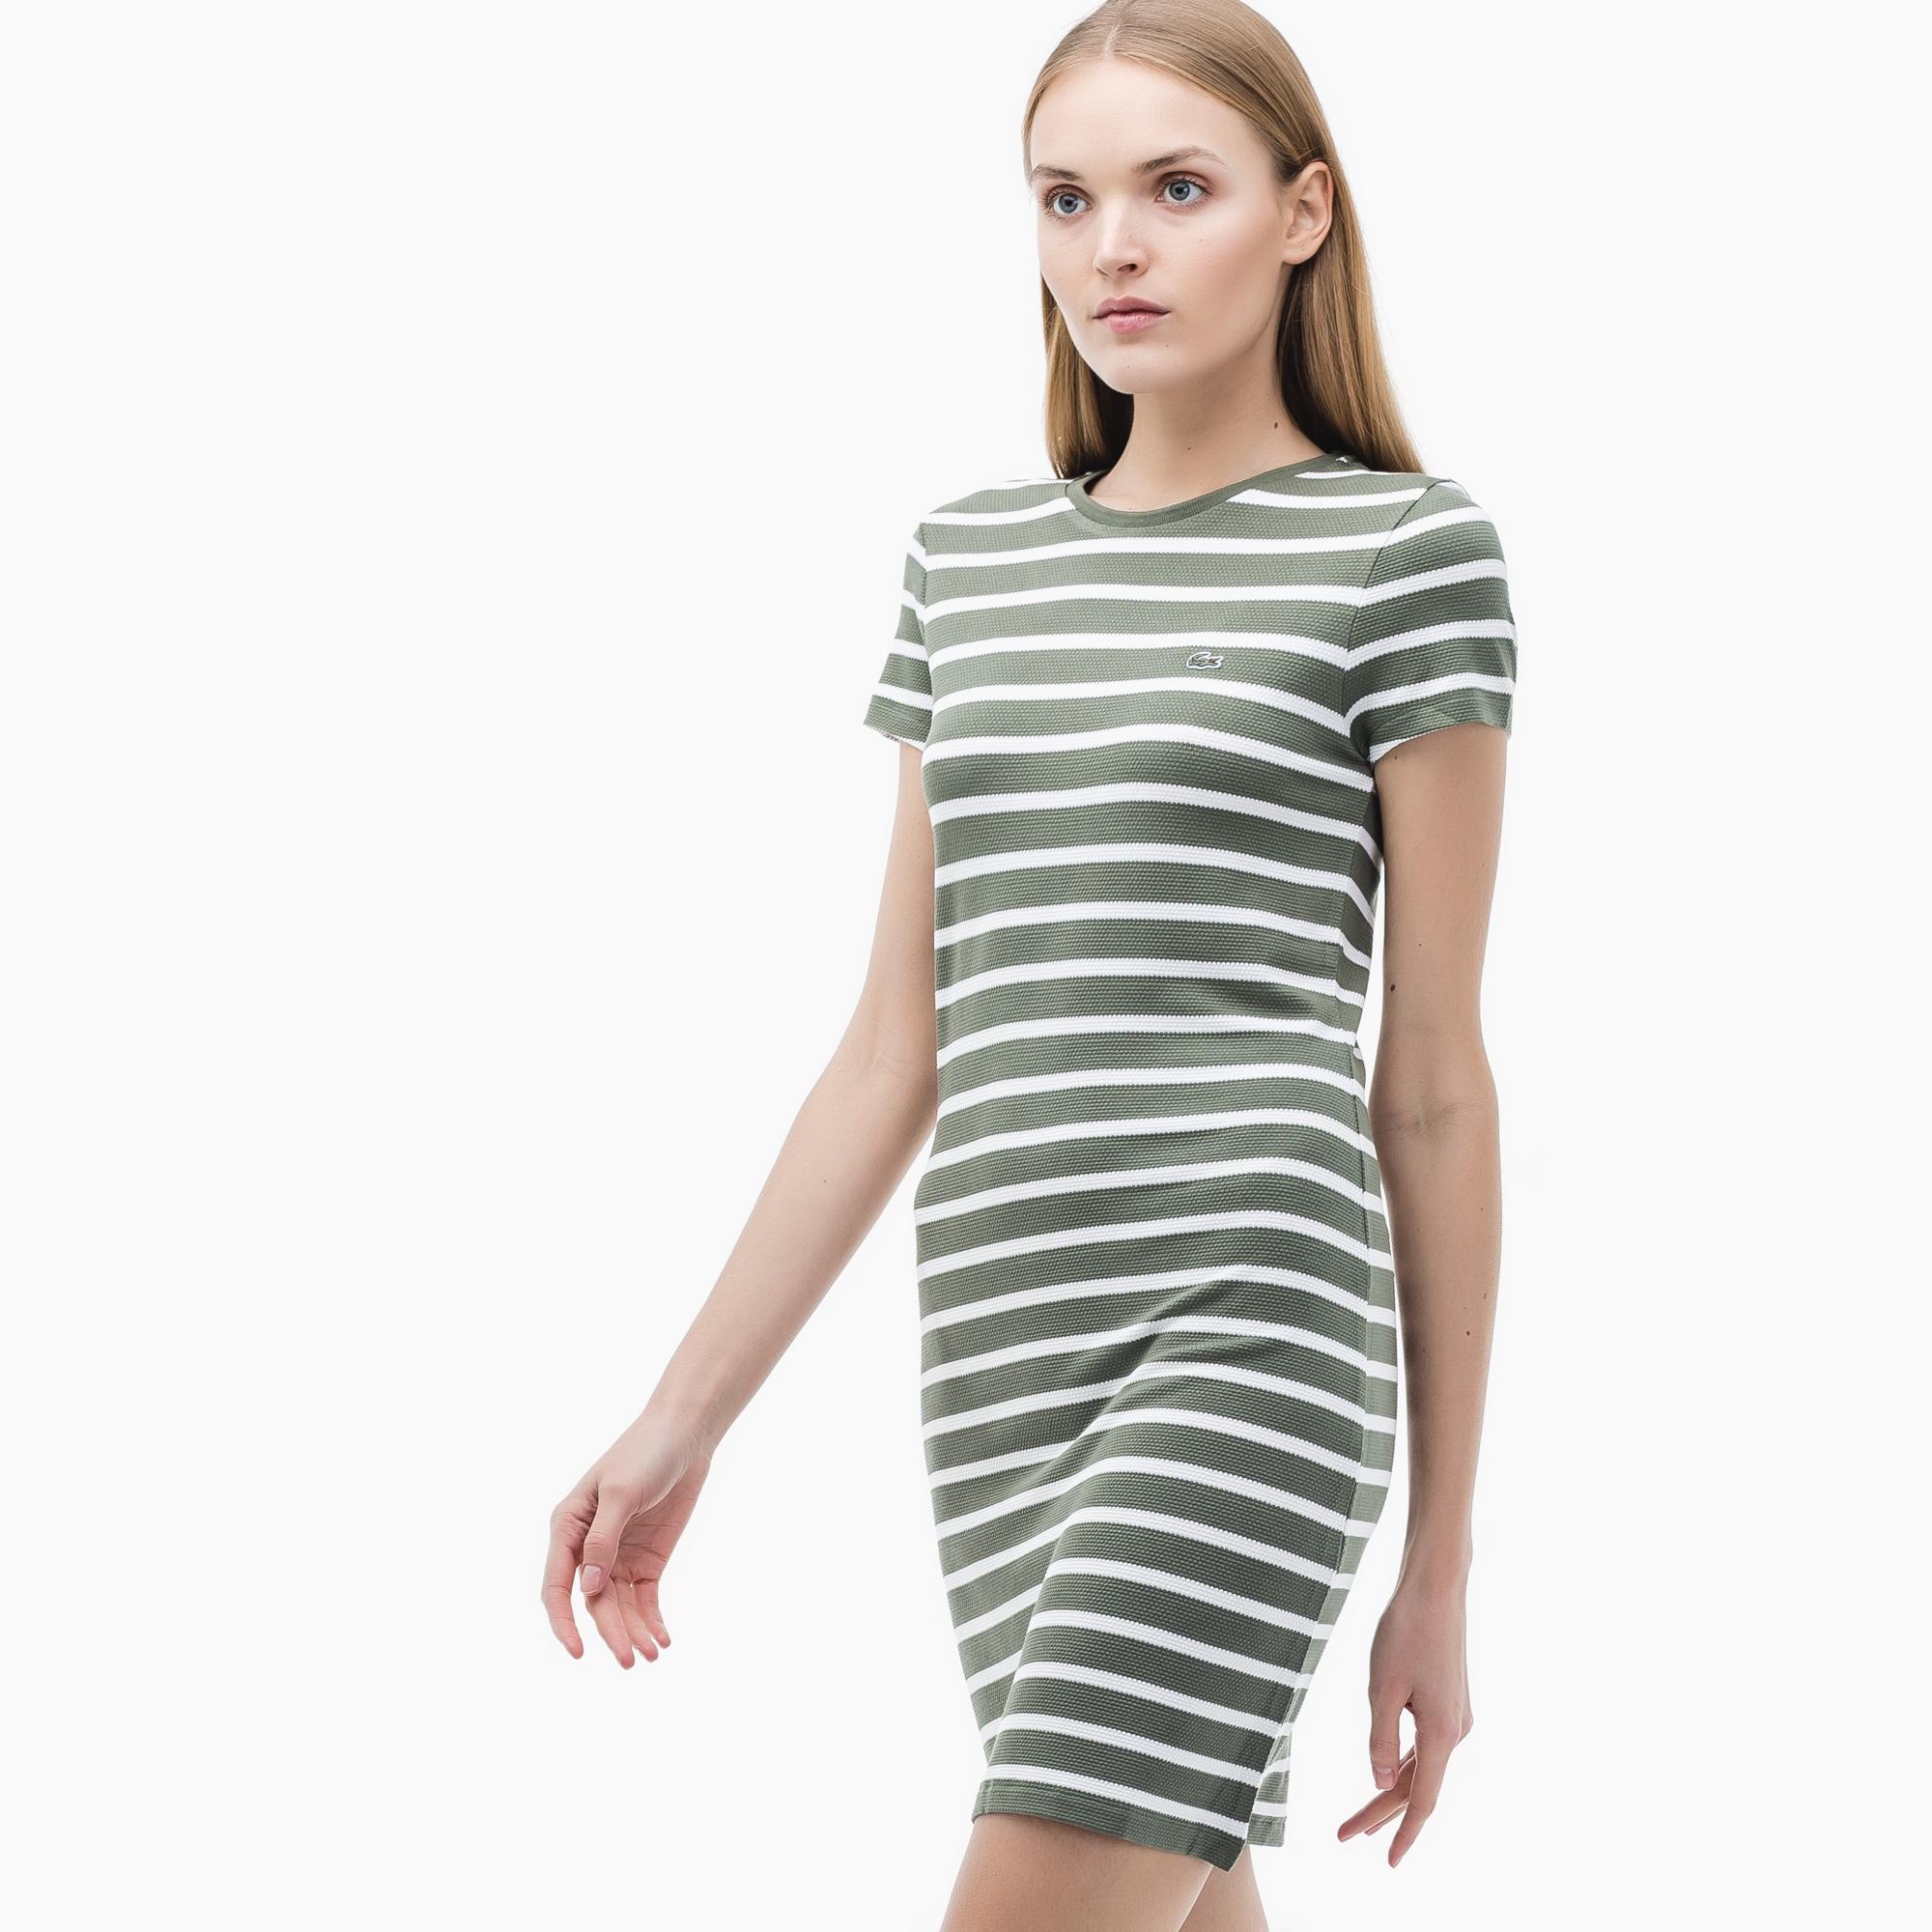 Платье LacosteПлатья и юбки<br>Детали: женское платье с принтом  \ Материал: 95% вискоза 5% эластан \ Страна производства: Турция